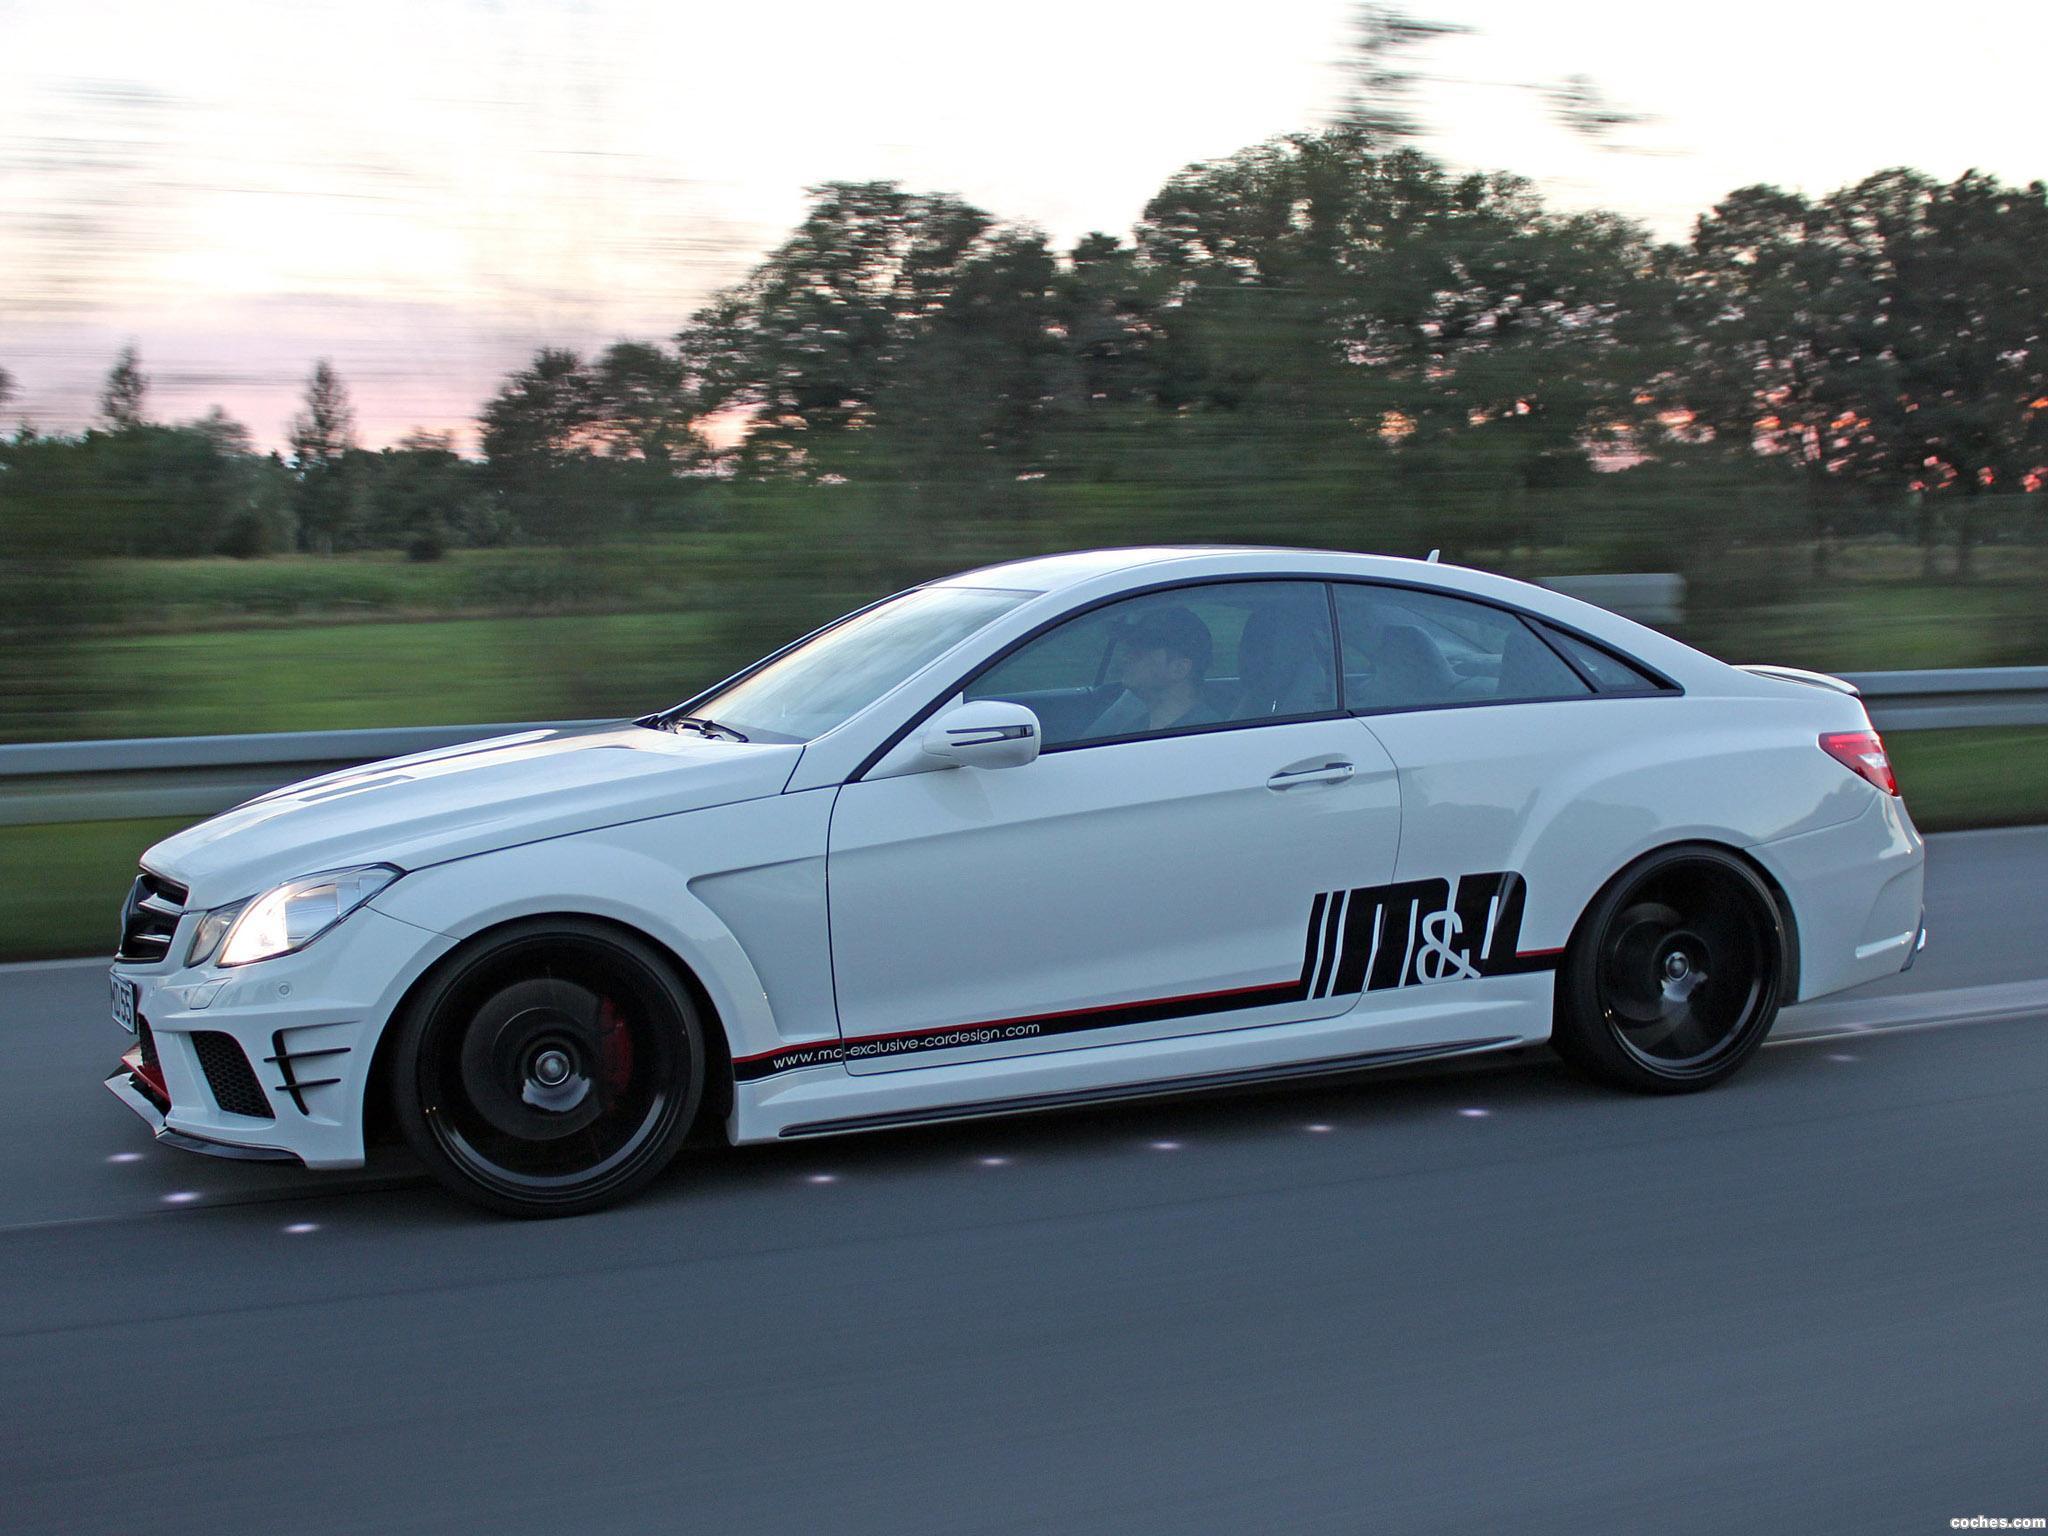 Foto 0 de Mercedes E500 Coupe M&D Exclusive Cardesign 2013